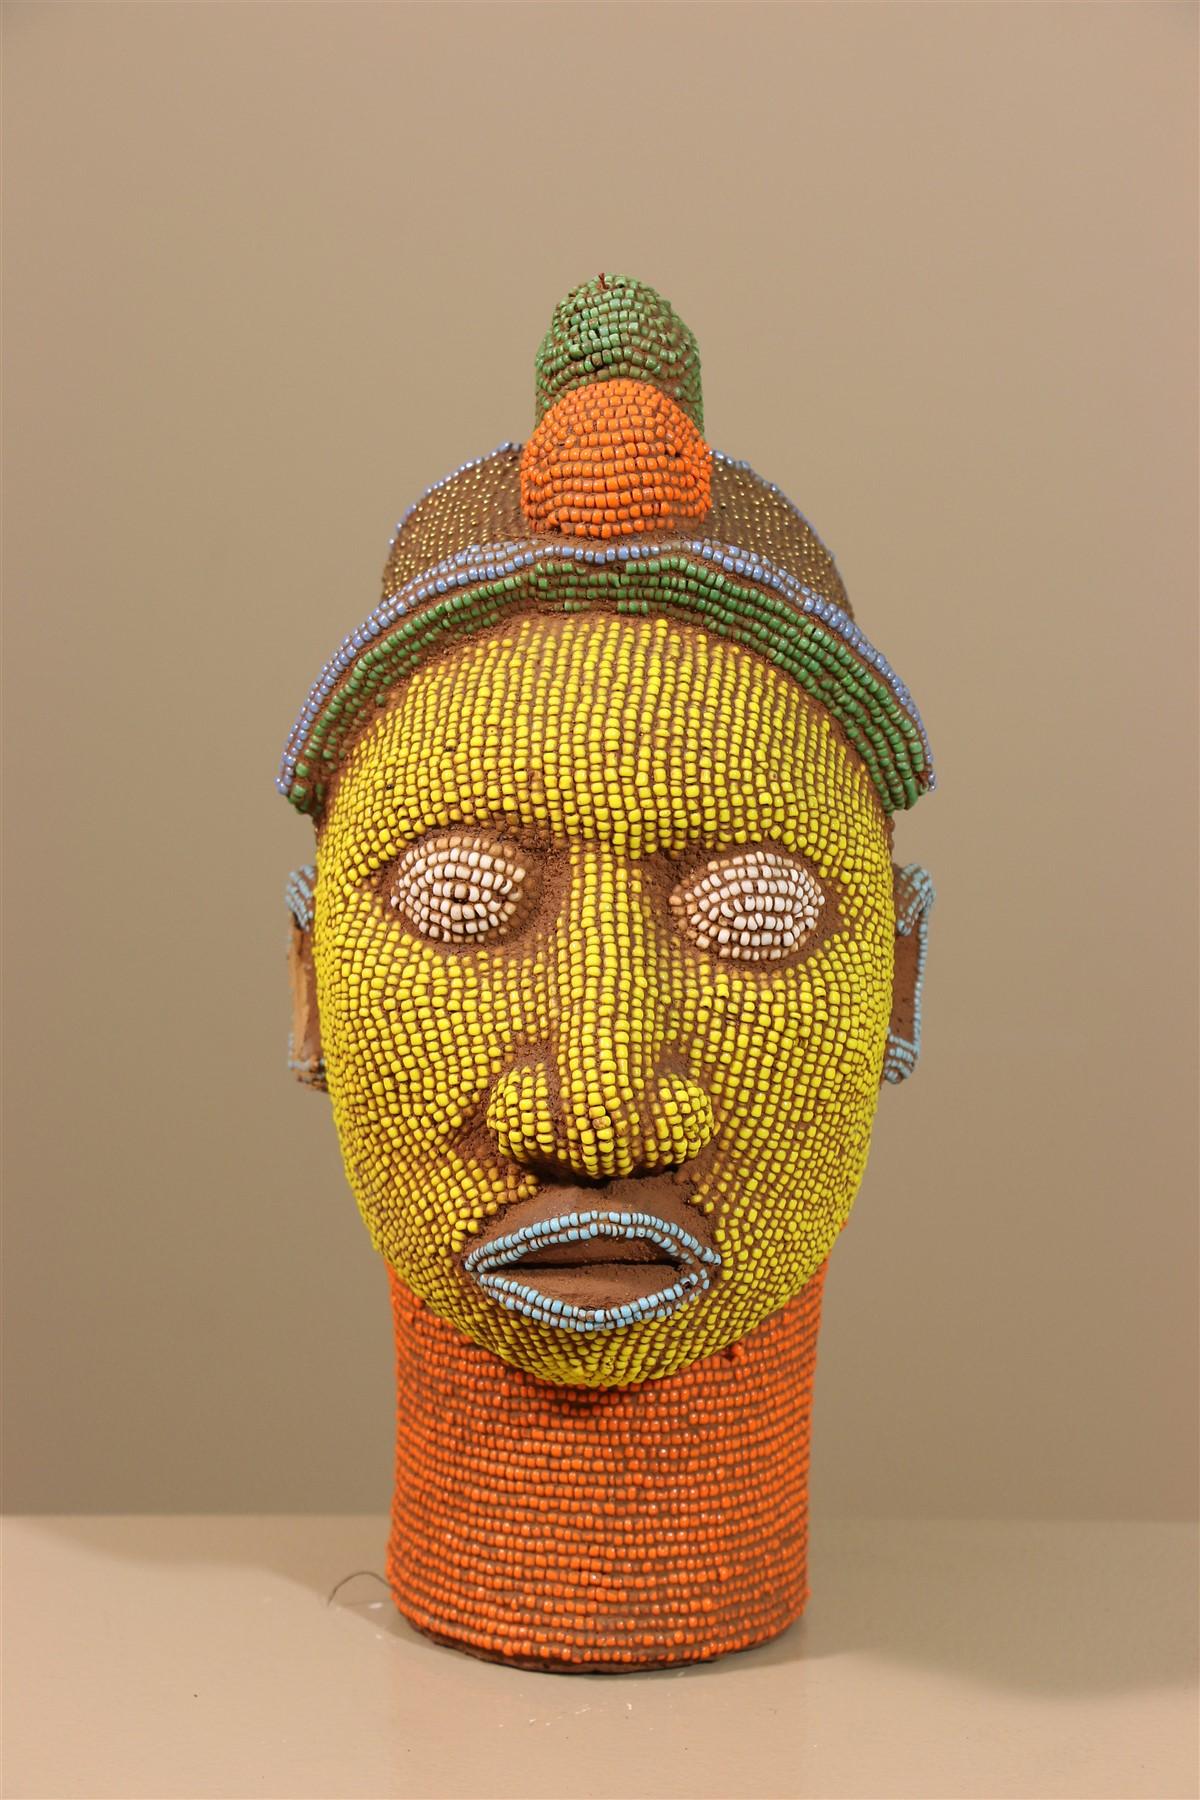 Tête royale perlée Bamileke - Déco africaine - Art africain traditionnel